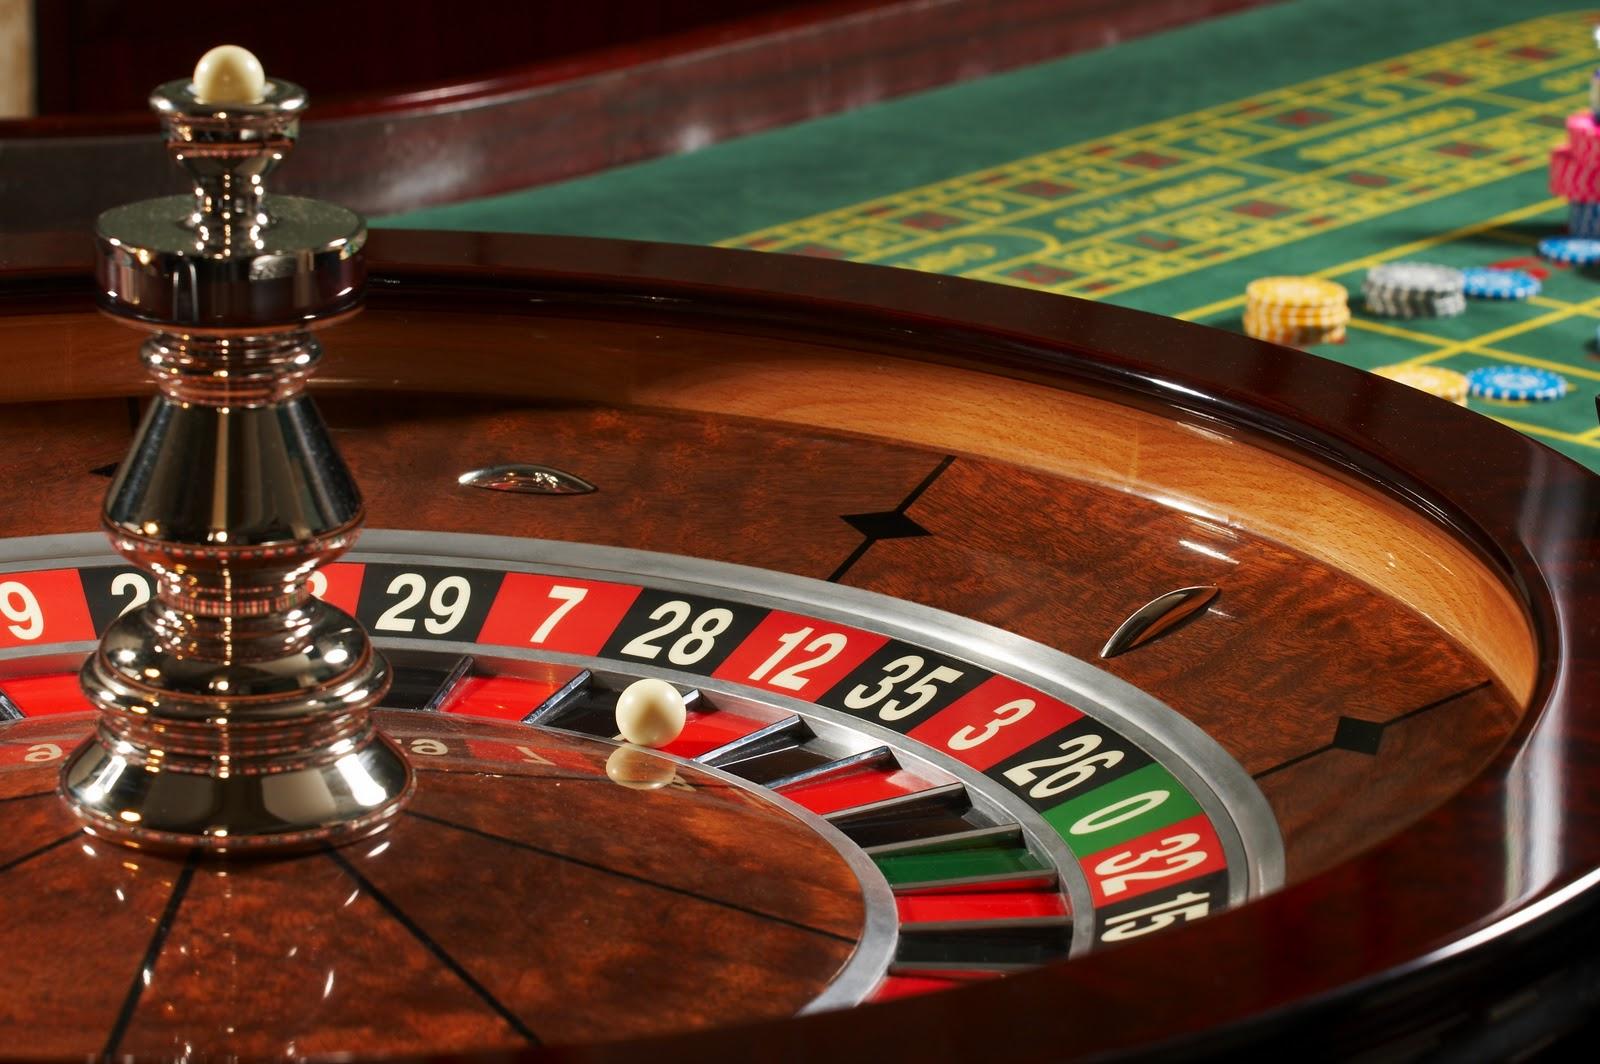 Jeux De Roulette Gratuit Sans Téléchargement : Que Faut-Il avec Jeux Sans Téléchargement Gratuit